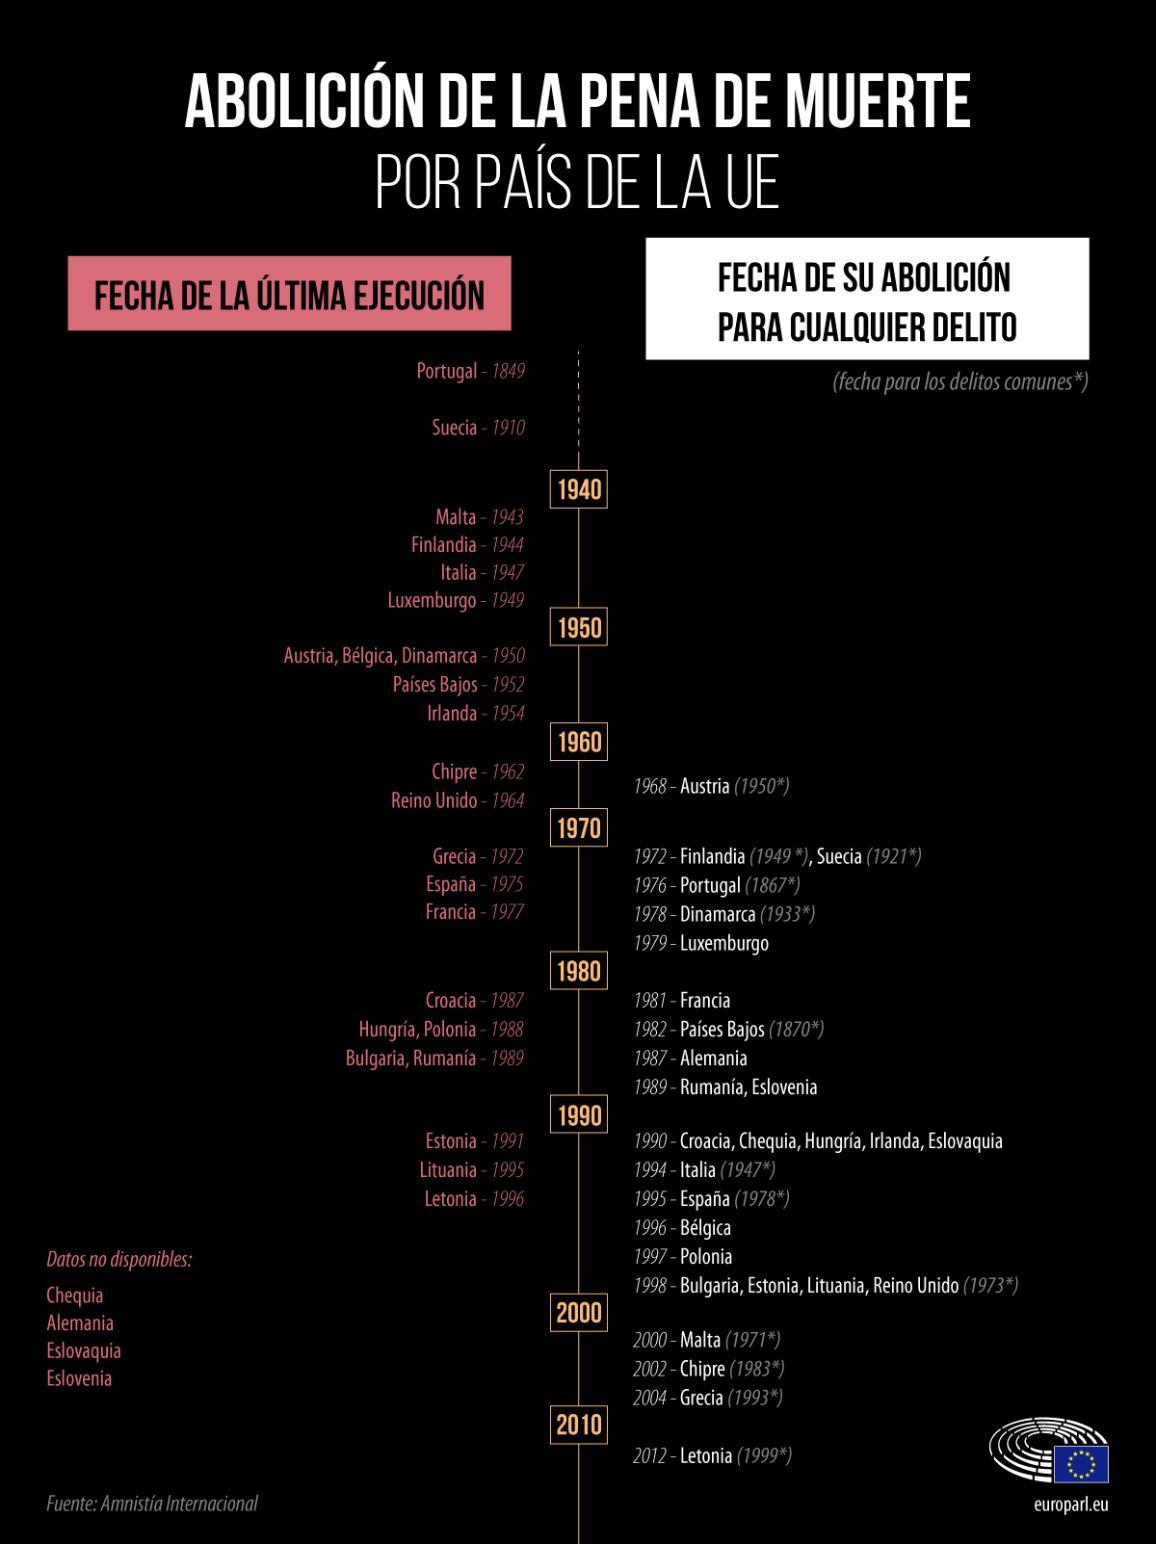 Infografía: La pena de muerte en los países de la UE